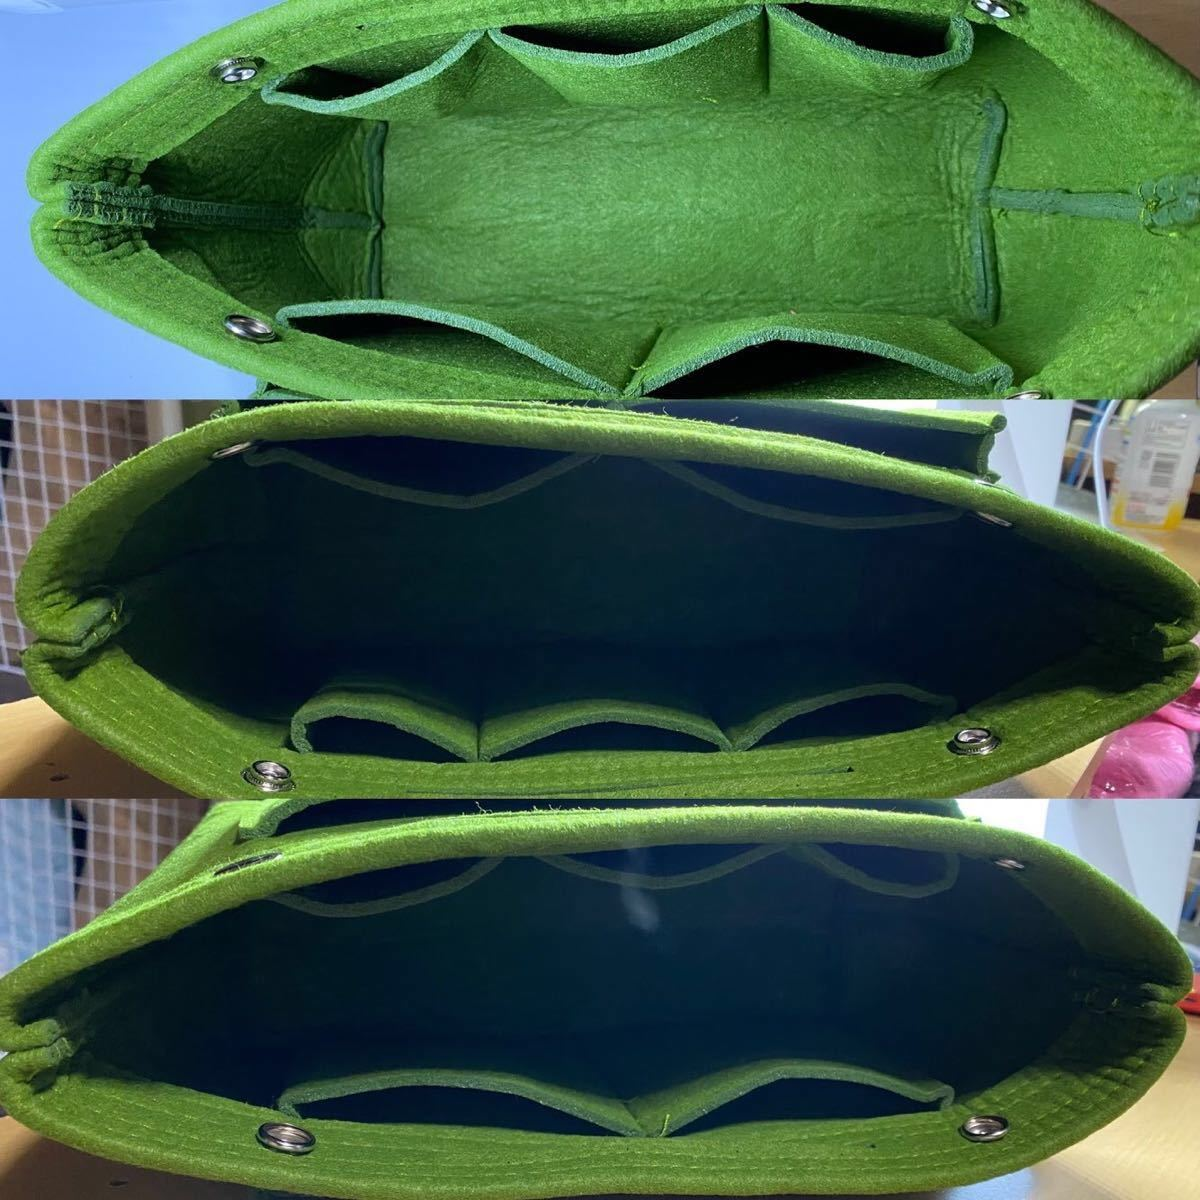 バッグインバッグ インナーバッグ フェルト 大容量 バックインバック 整理整頓 軽量 ハンドバッグ ショルダーバッグ  男女兼用